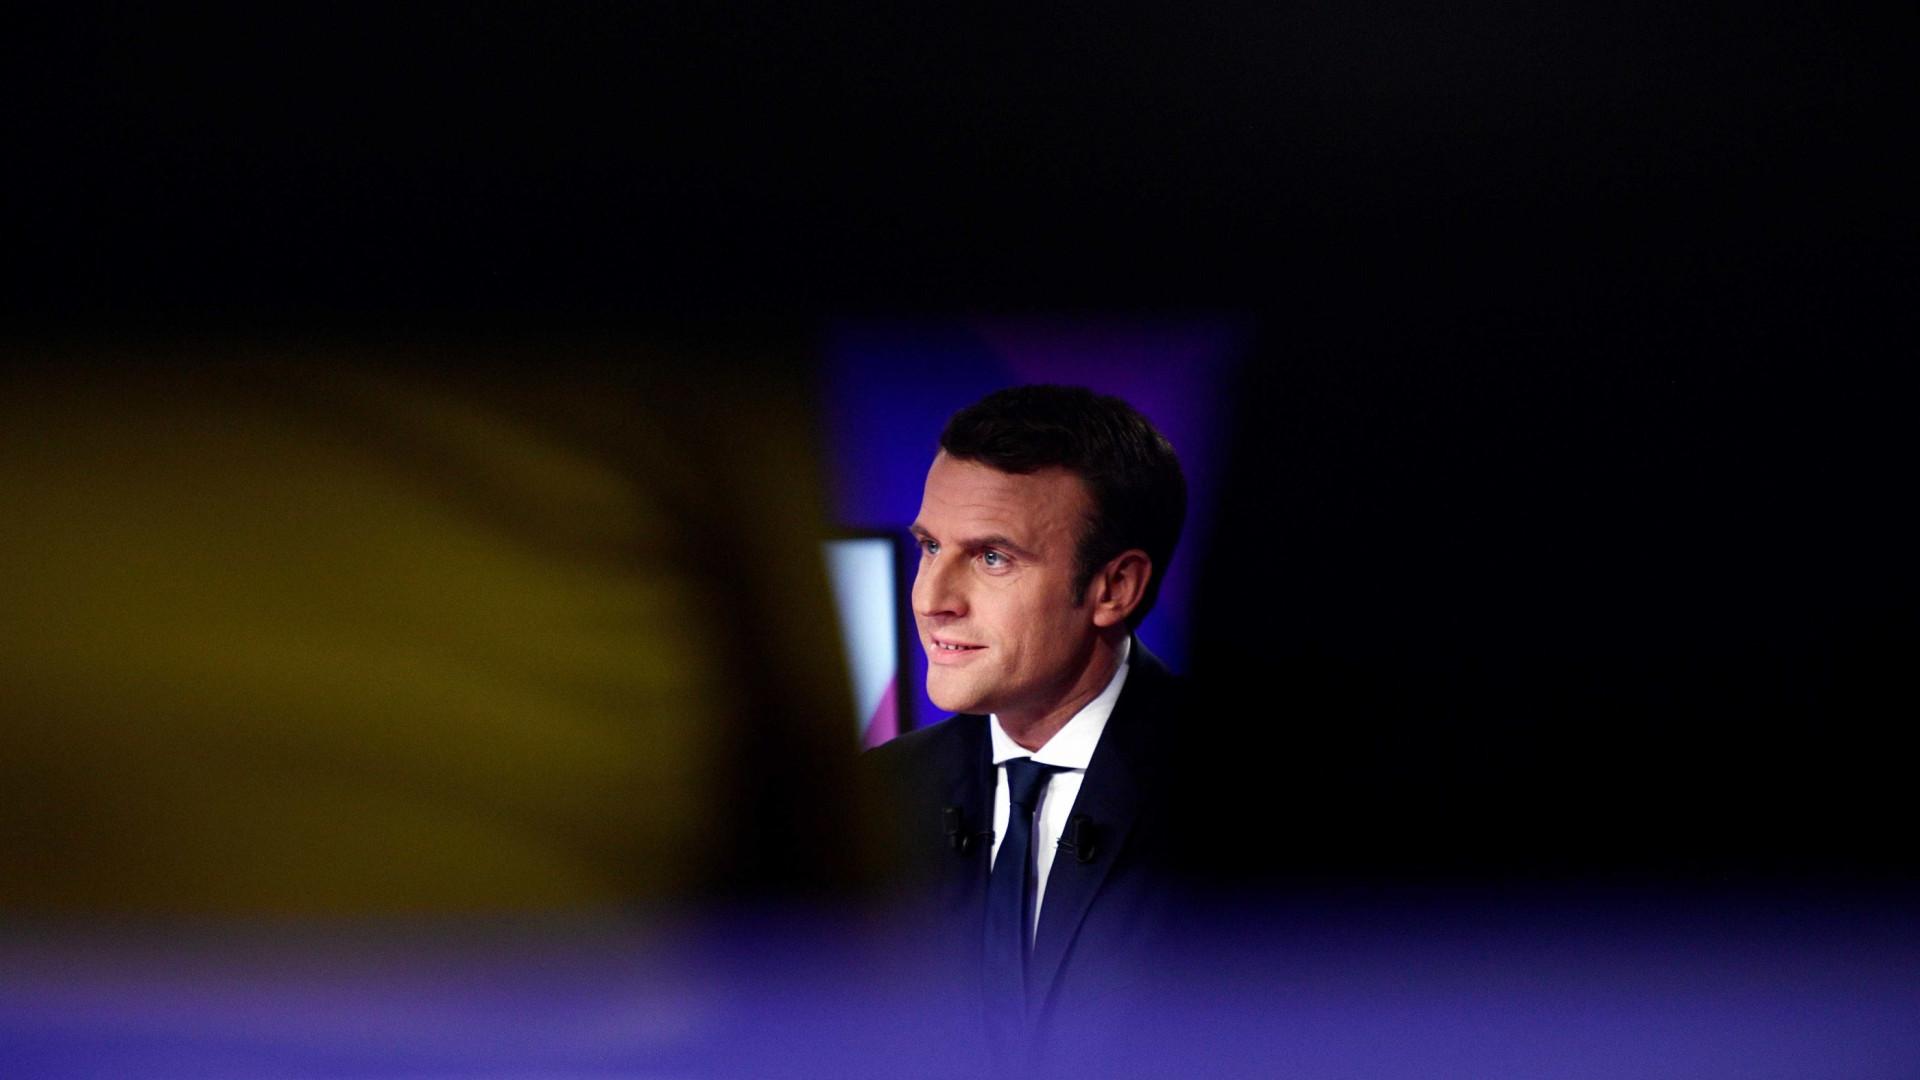 Macron apresenta plano para melhorar subúrbios e combater radicalização